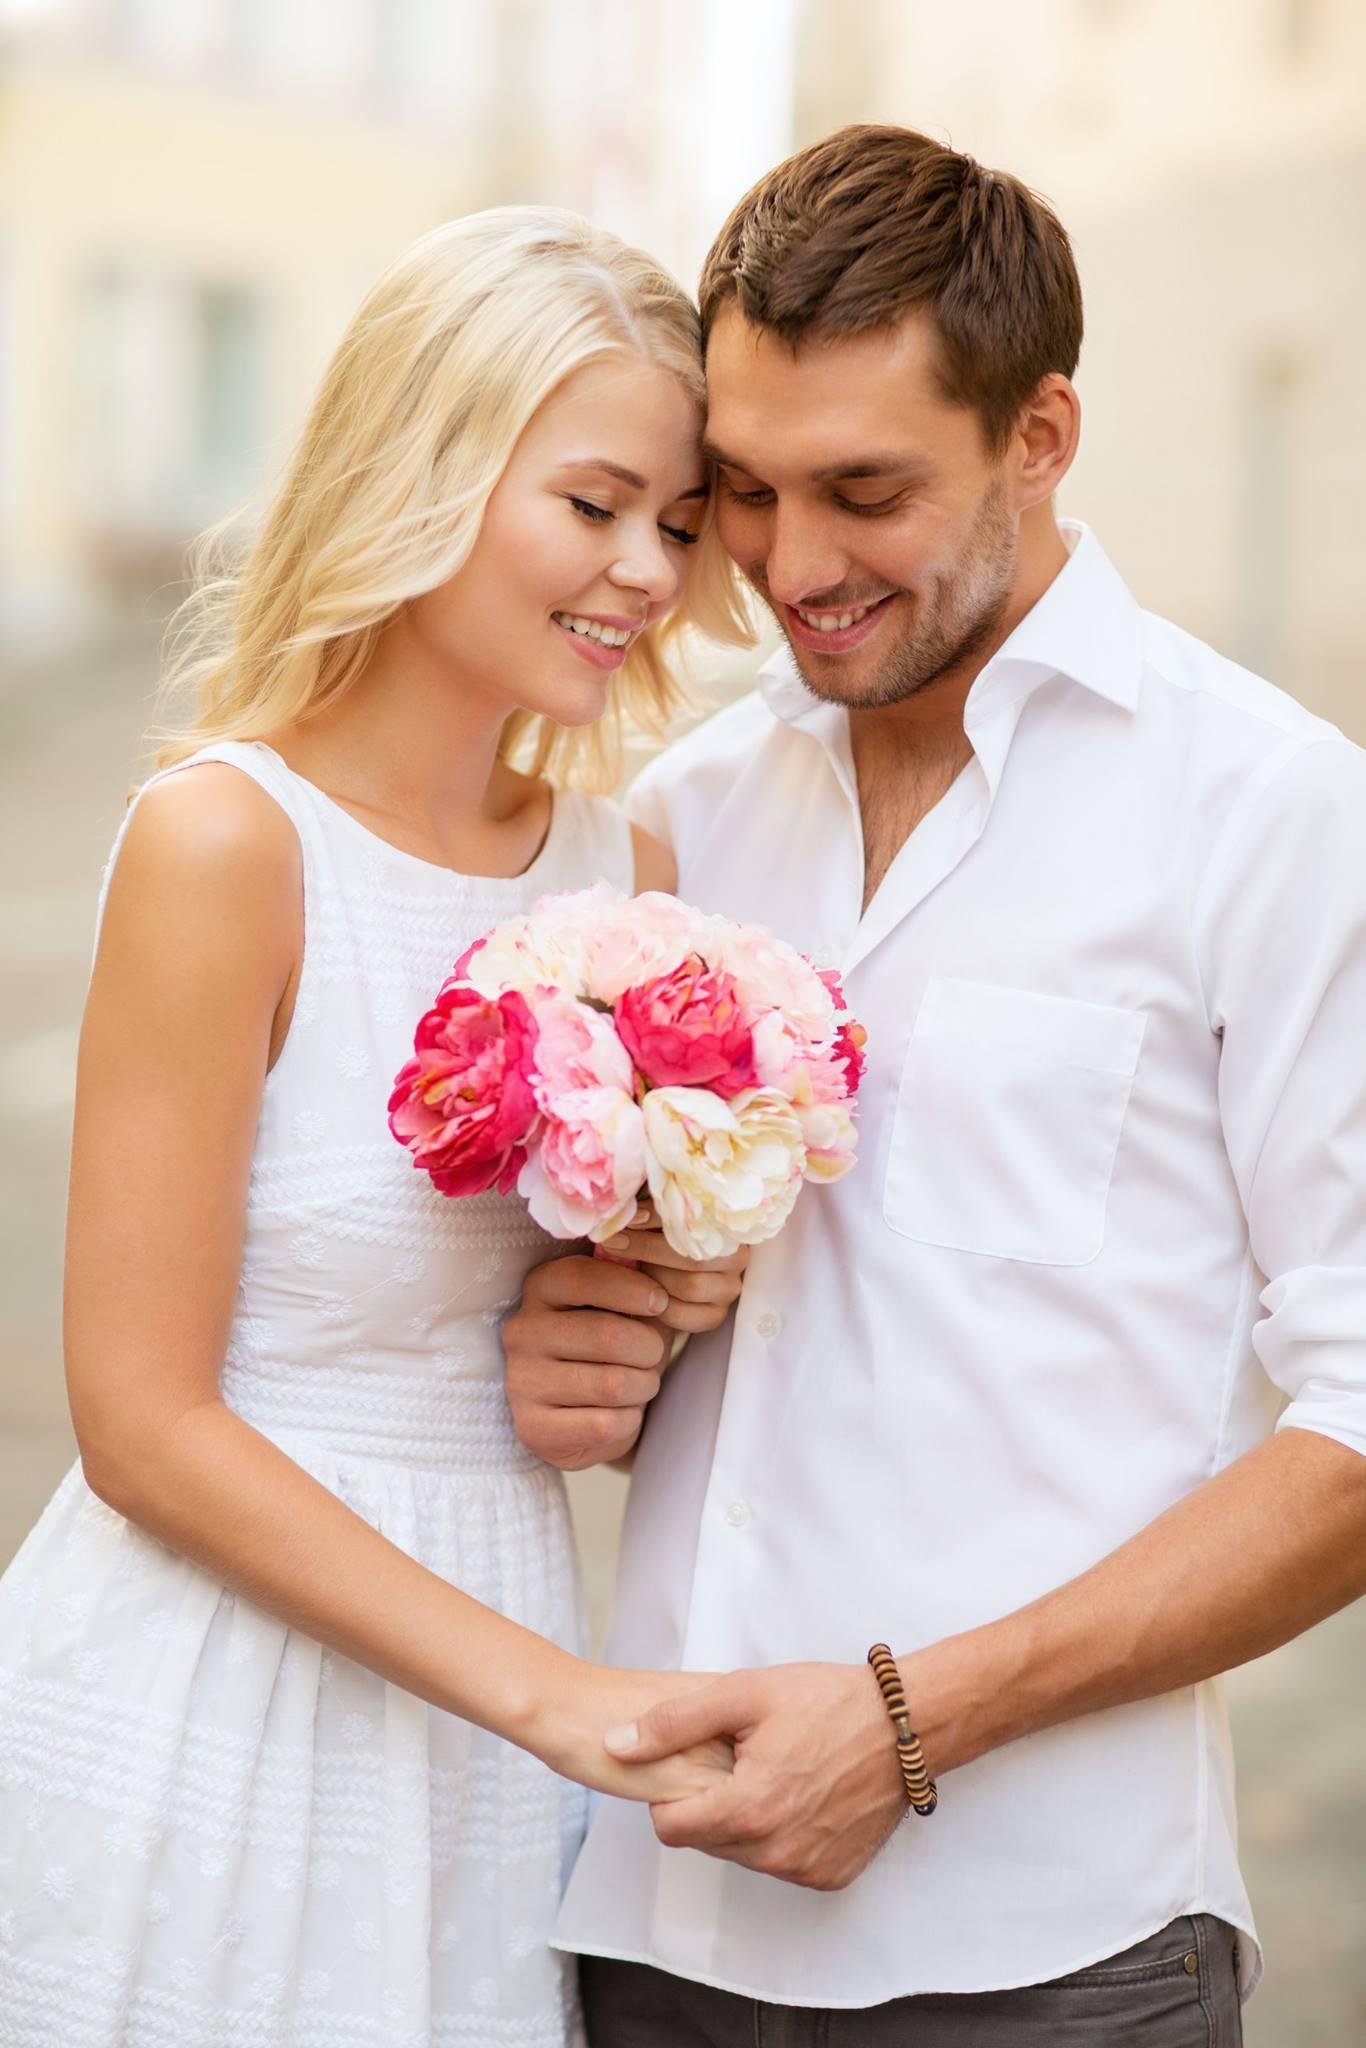 بالصور صور و كلمات عن الحب , احلى واجمل كلمات عن الحب والعشق 11938 10